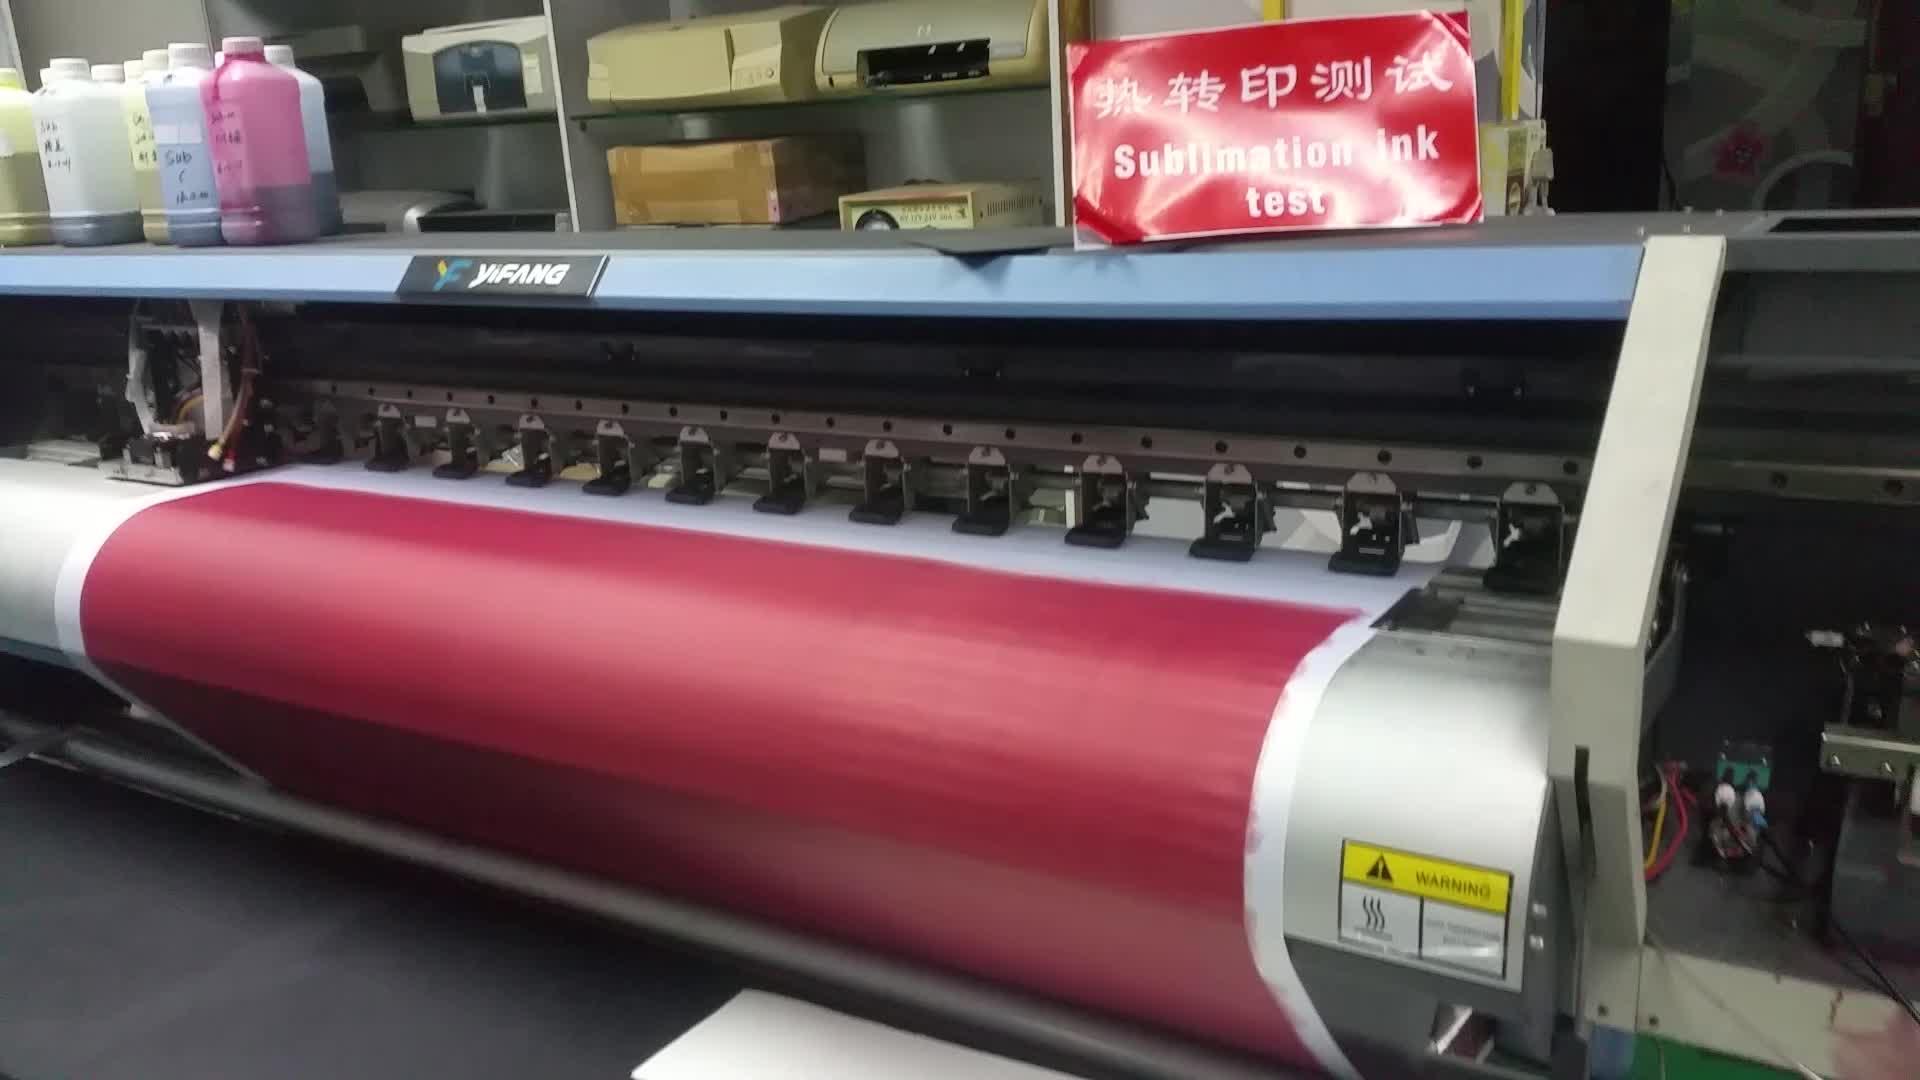 Hight quality 6 color bulk dye sublimation ink for epson L801 L800 L805 L810 L850 L1800 printer